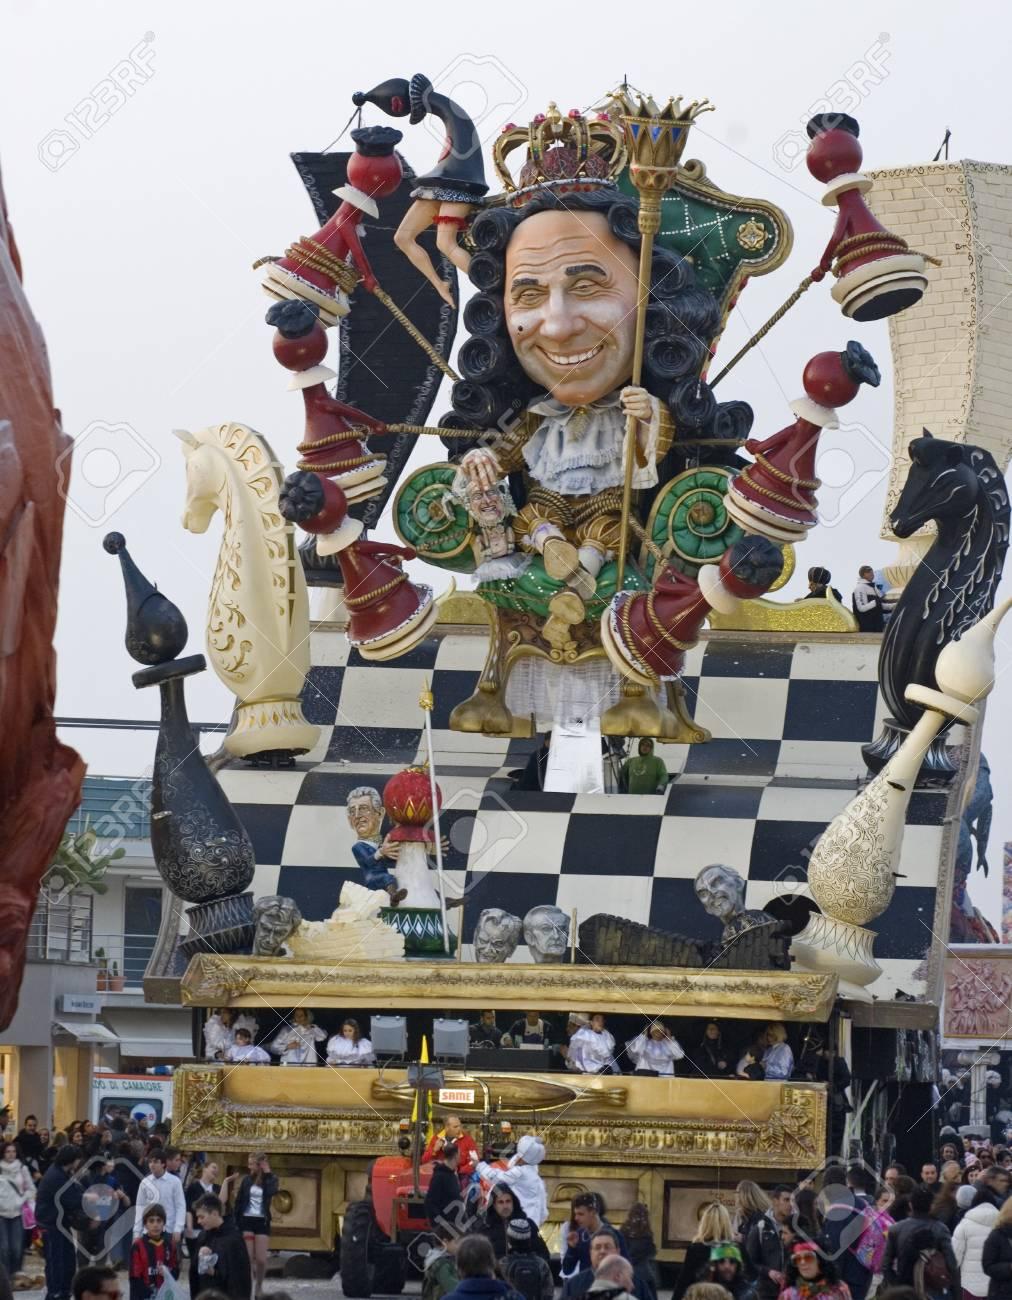 VIAREGGIO, ITALY - MARCH 4  One of the carnival floats in the famous carnival of Viareggio, on March 4, 2012, in Viareggio, Italy   Stock Photo - 13096422